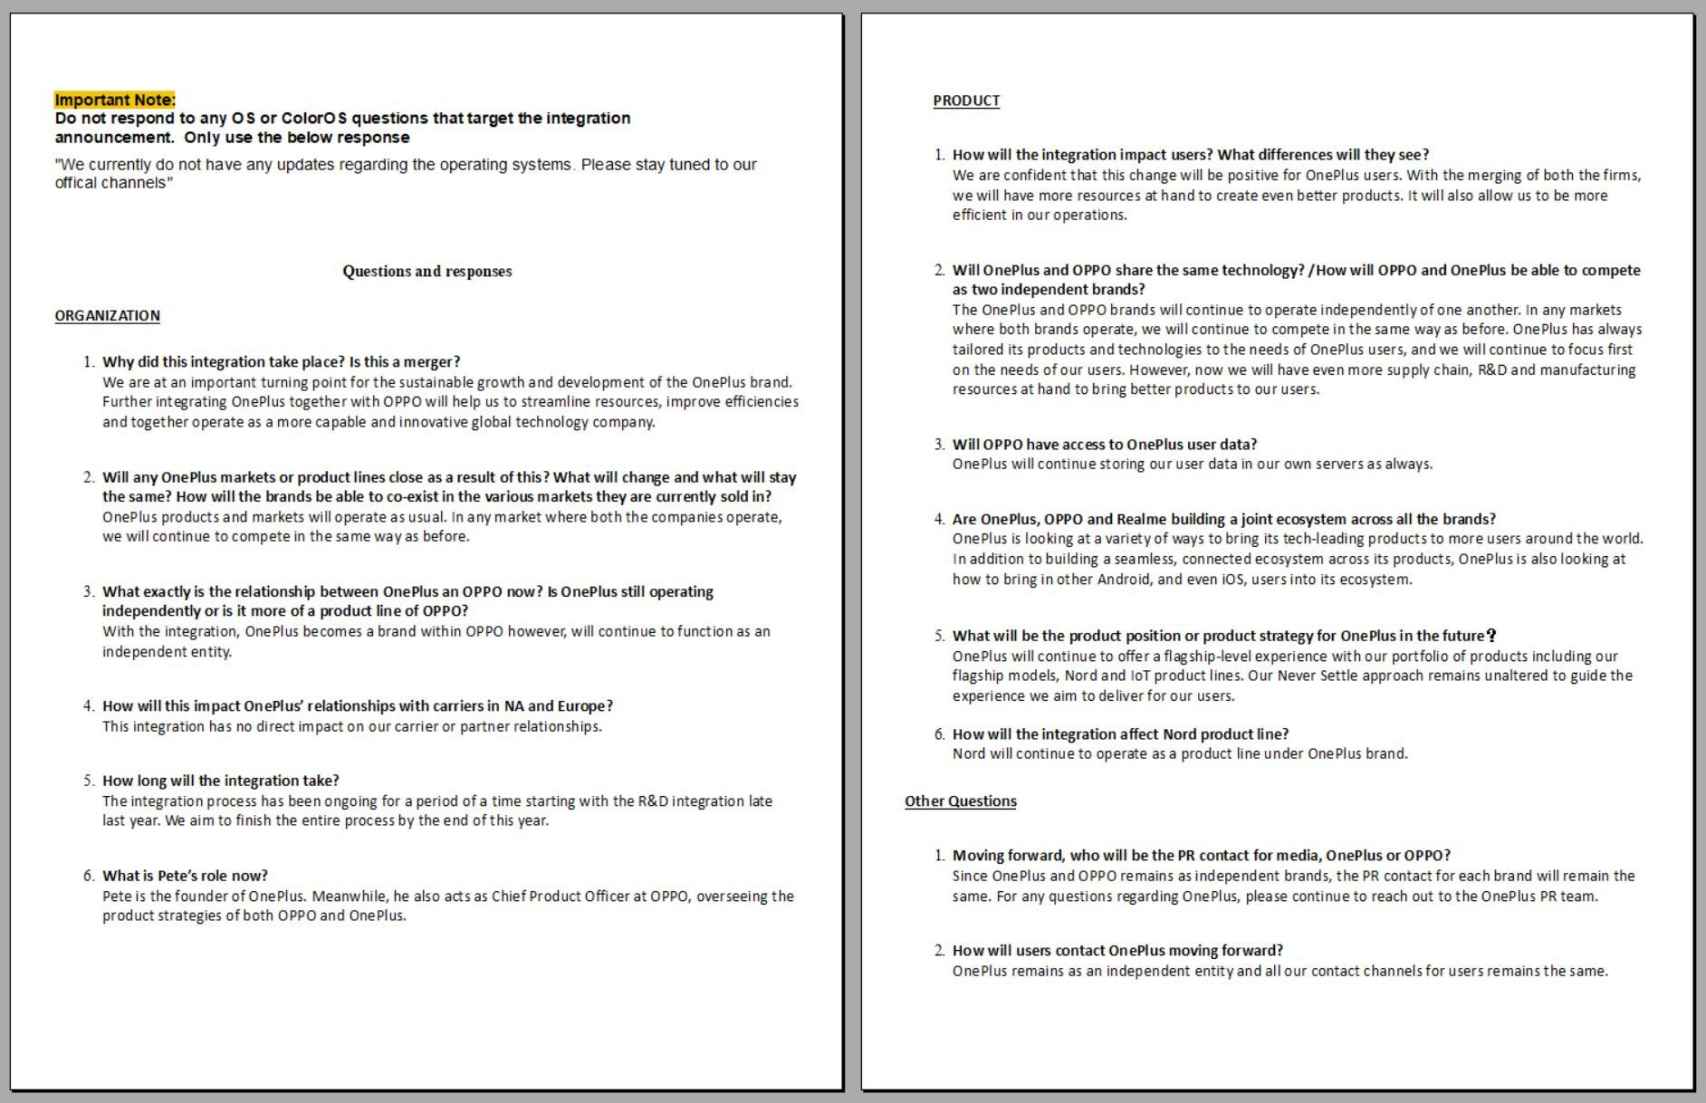 Documento de OPPO y OnePlus